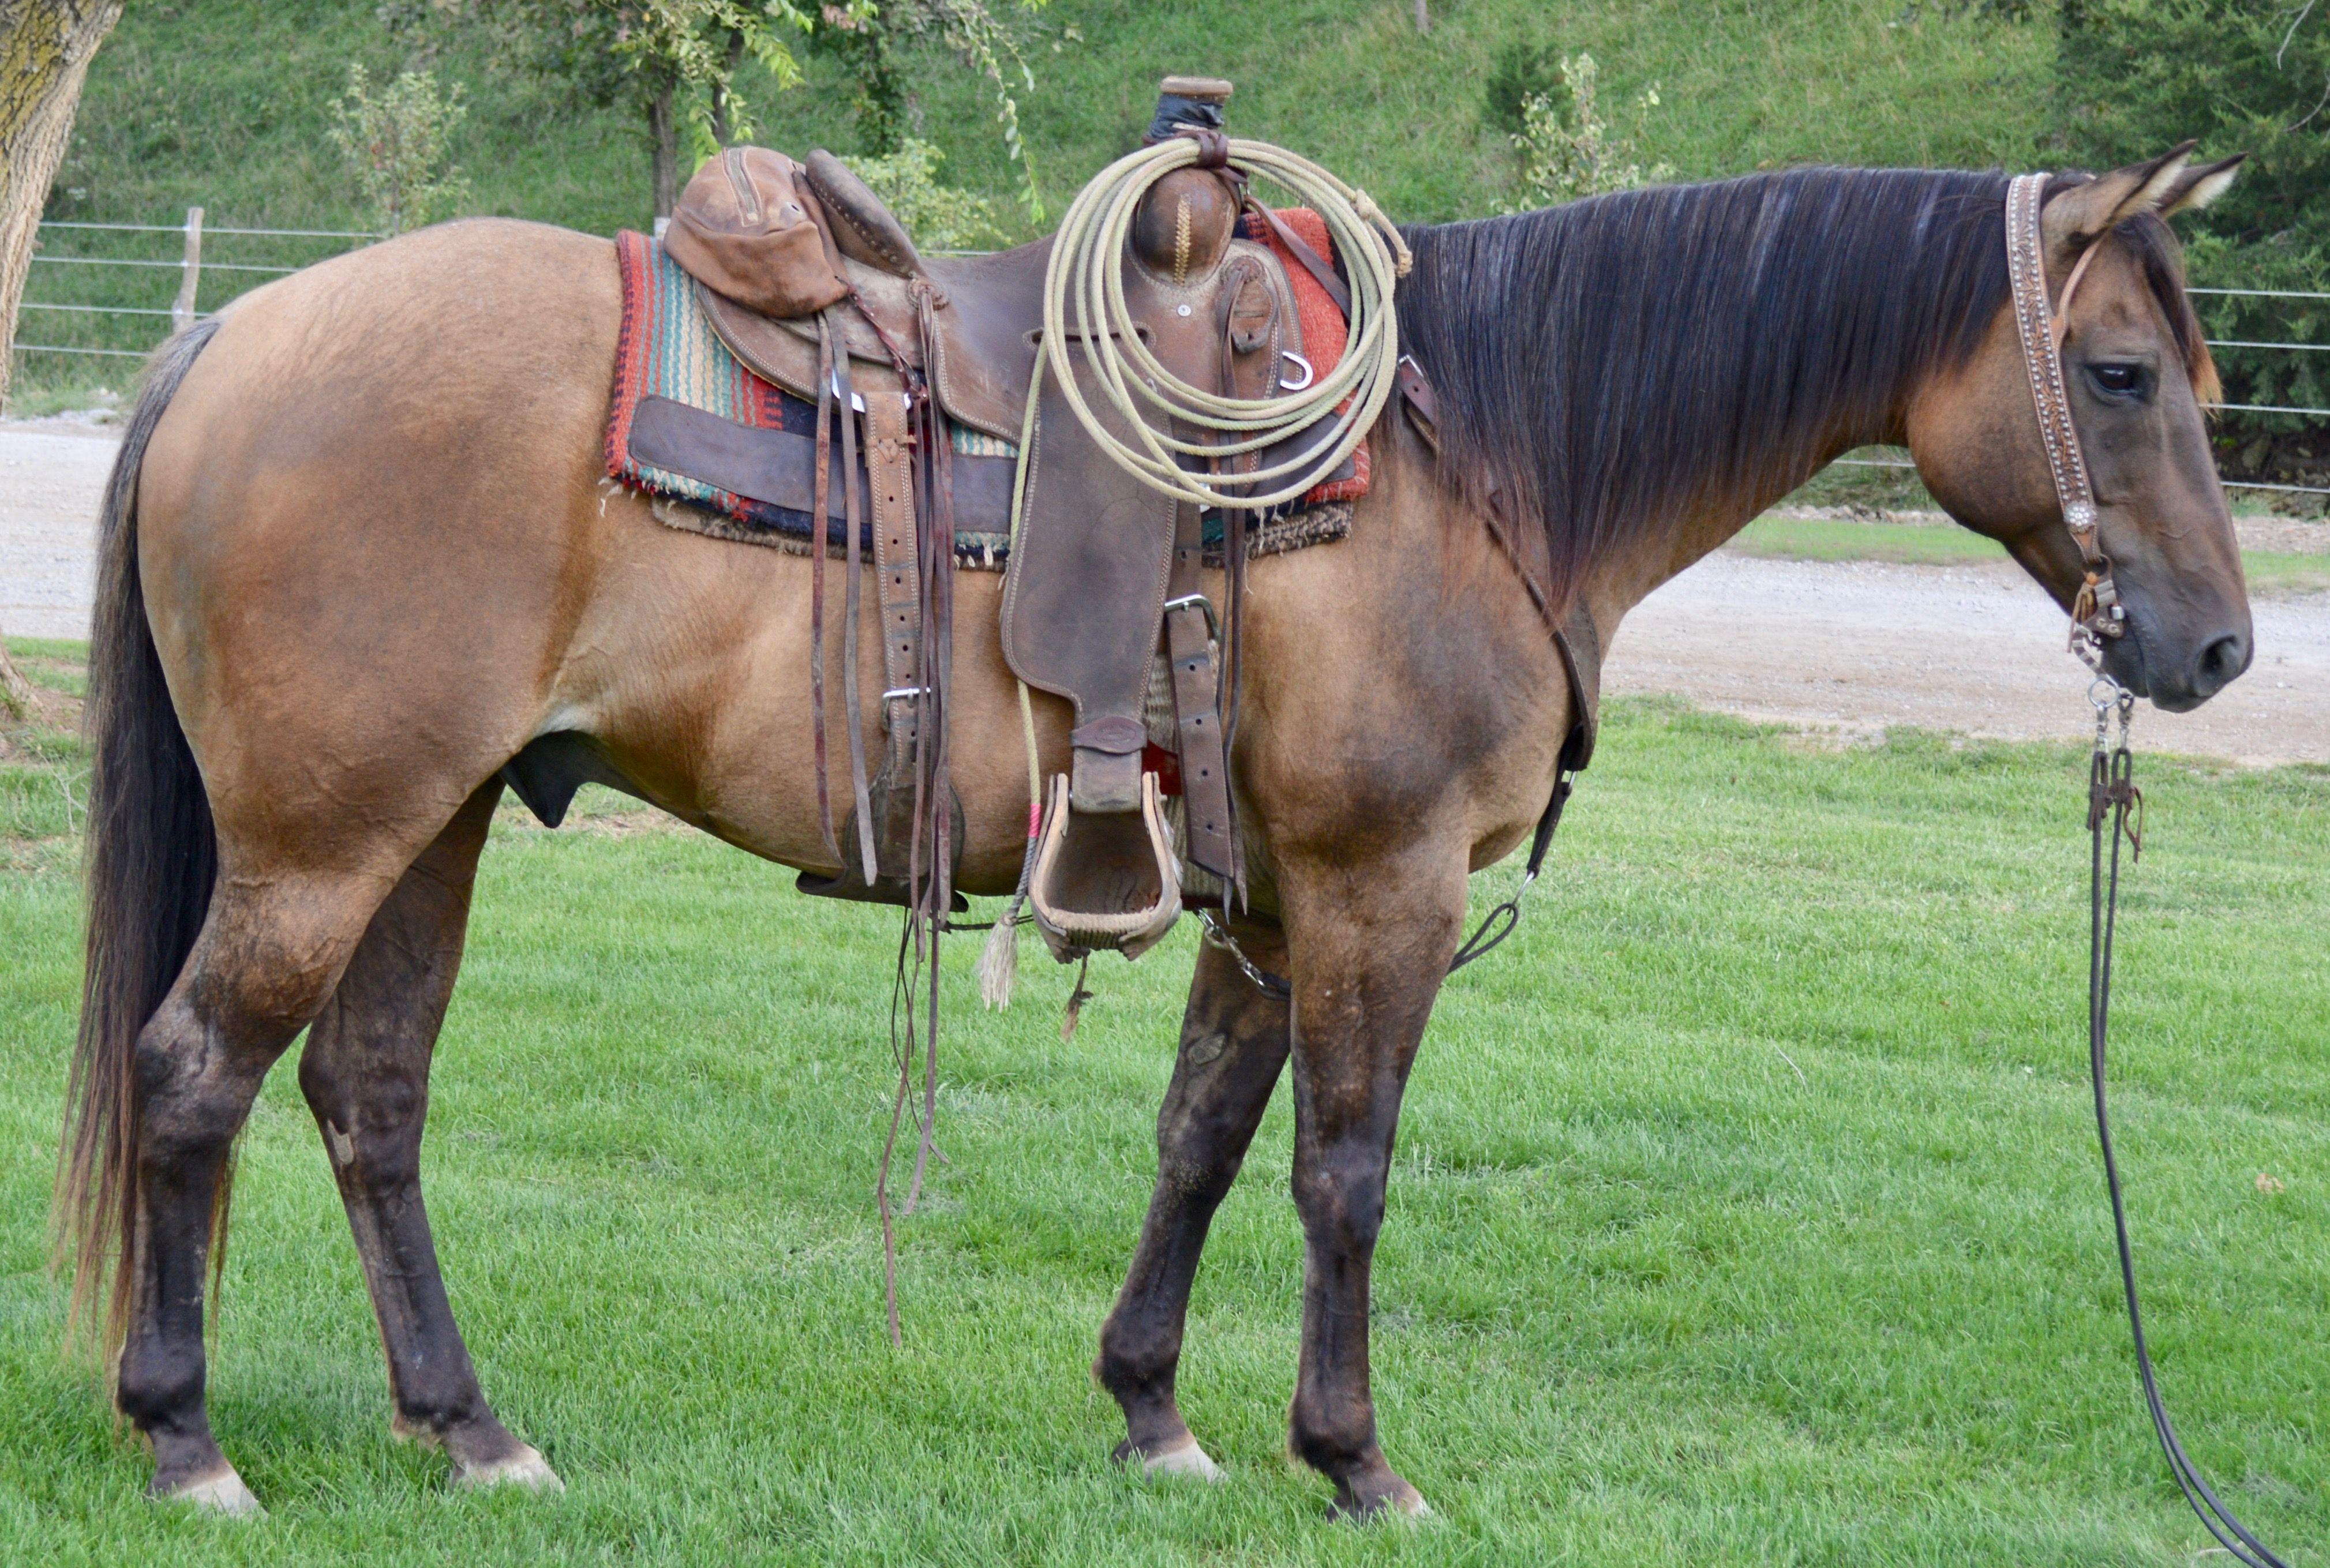 For Sale Porter Quarter Horses Horses for sale, Horses